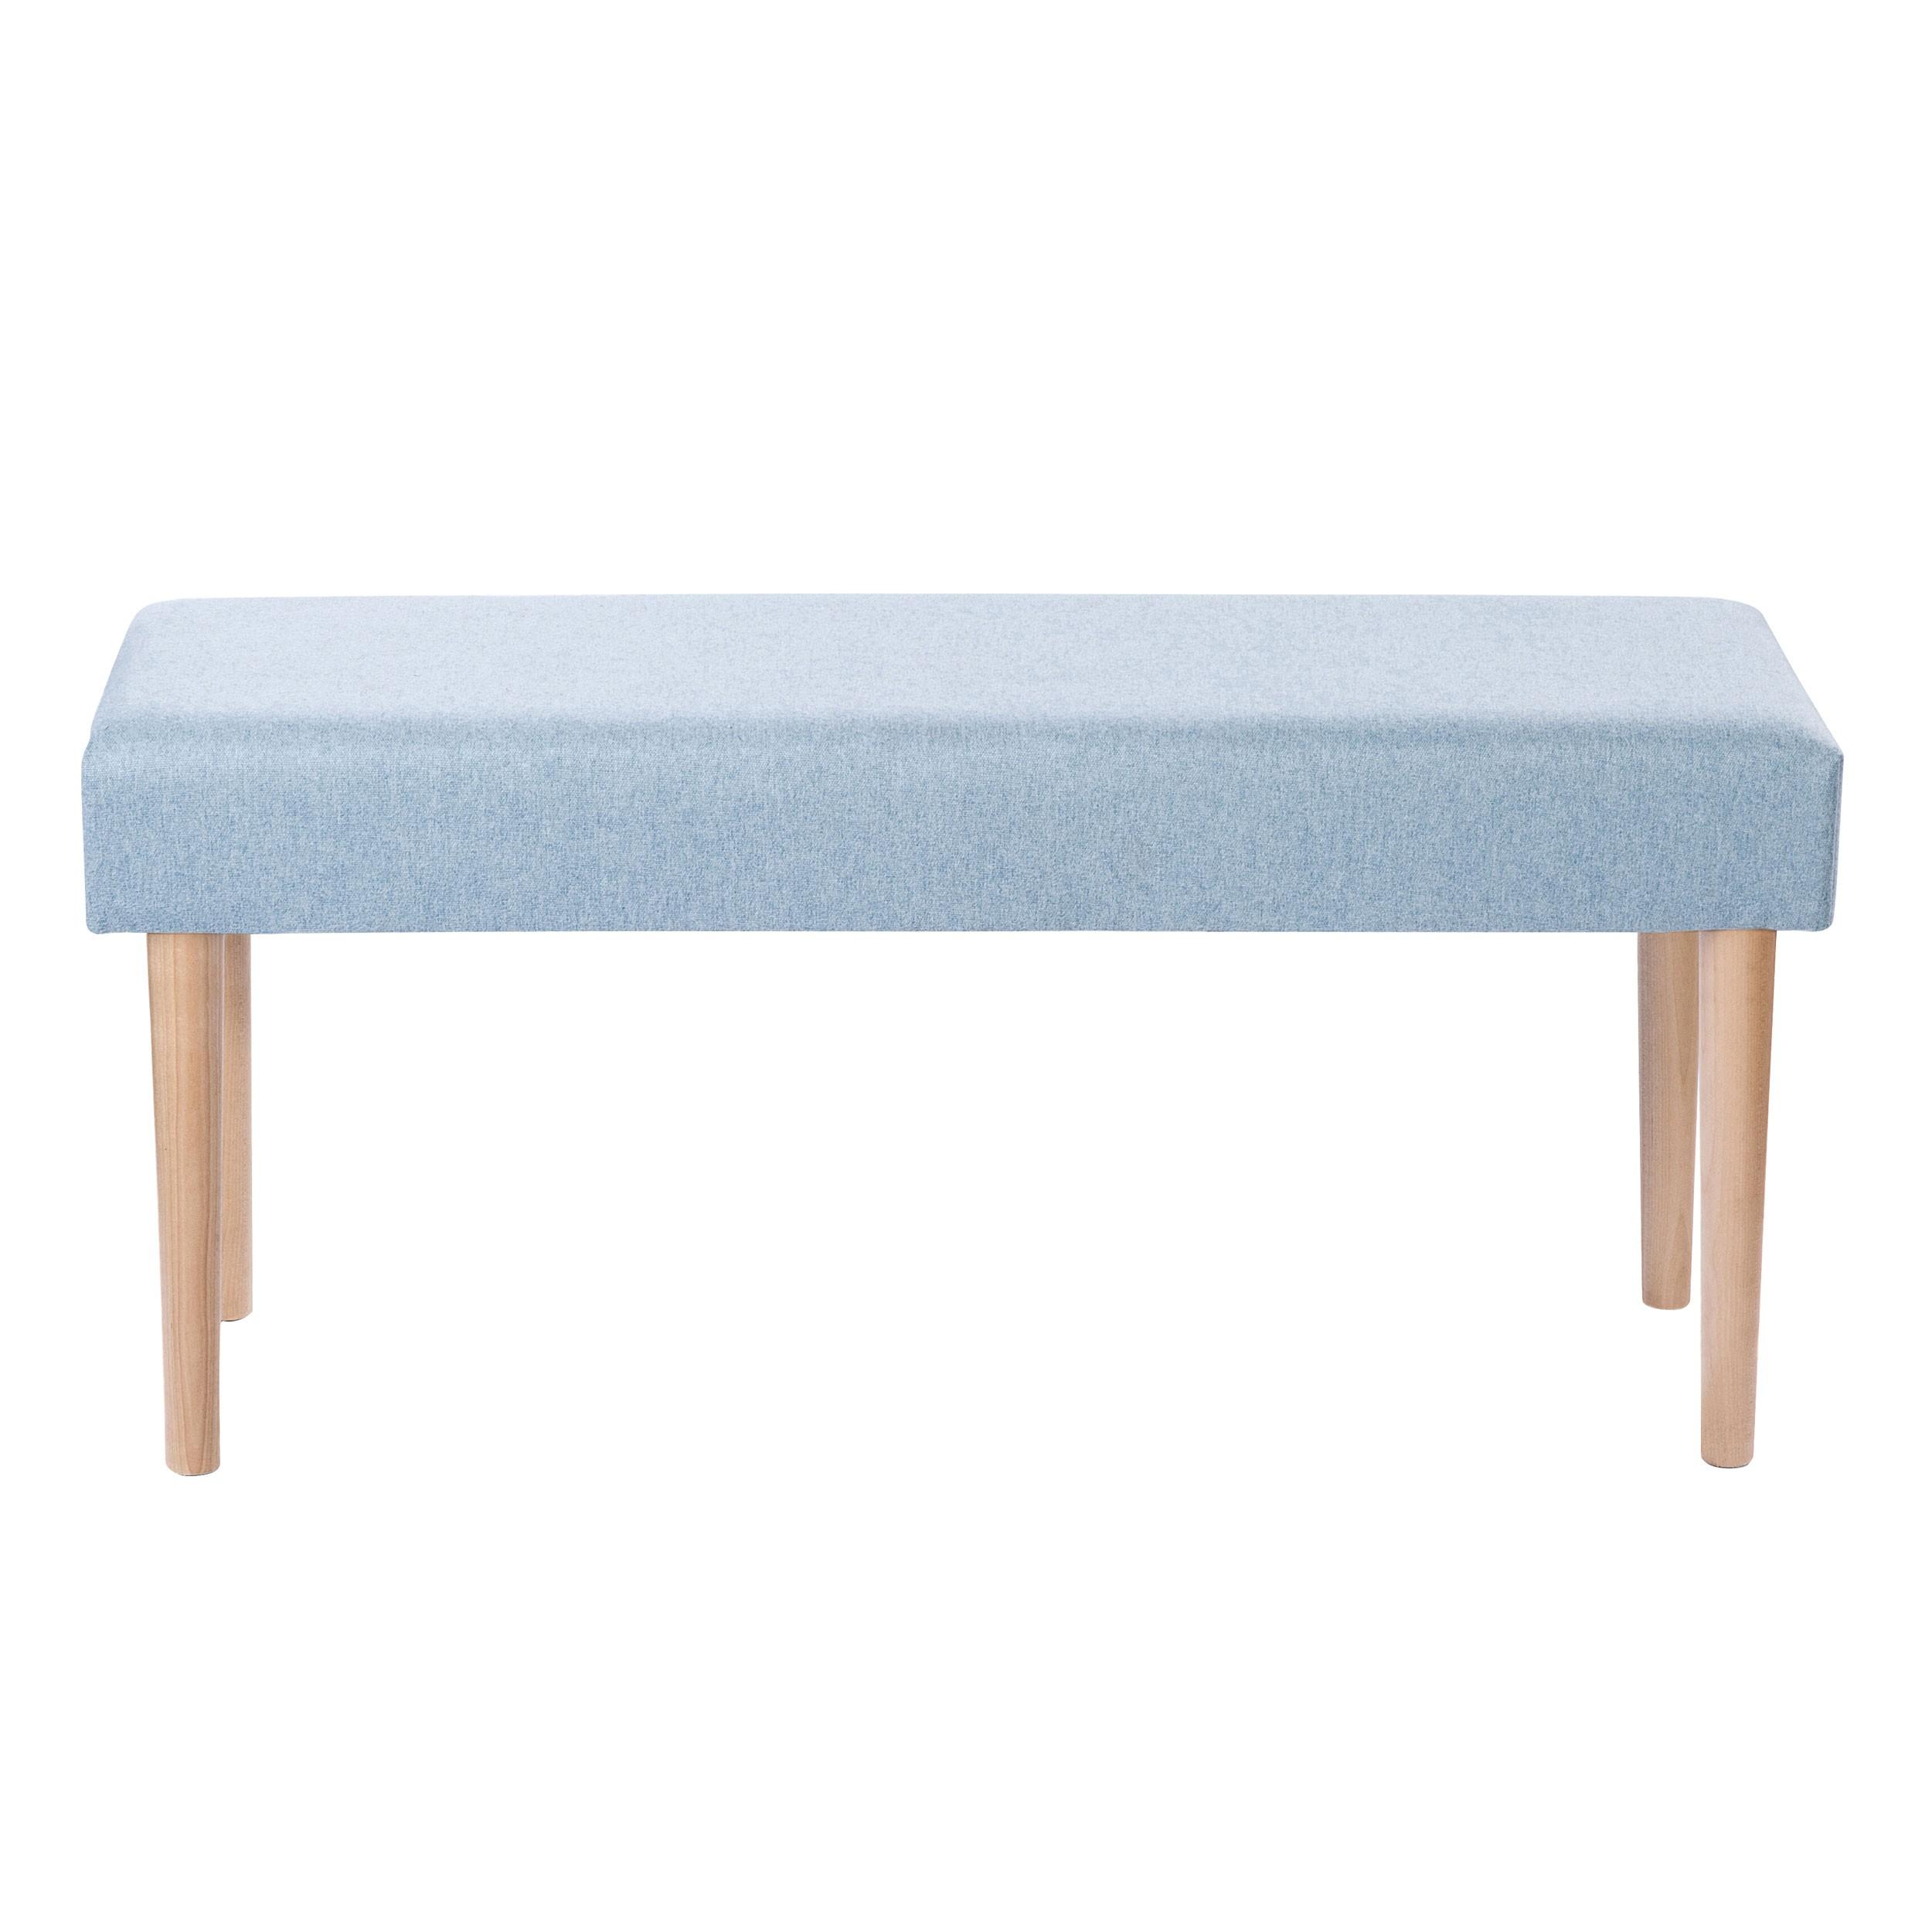 banc octave bleu achetez nos bancs octave bleus prix d 39 usine rendez vous d co. Black Bedroom Furniture Sets. Home Design Ideas